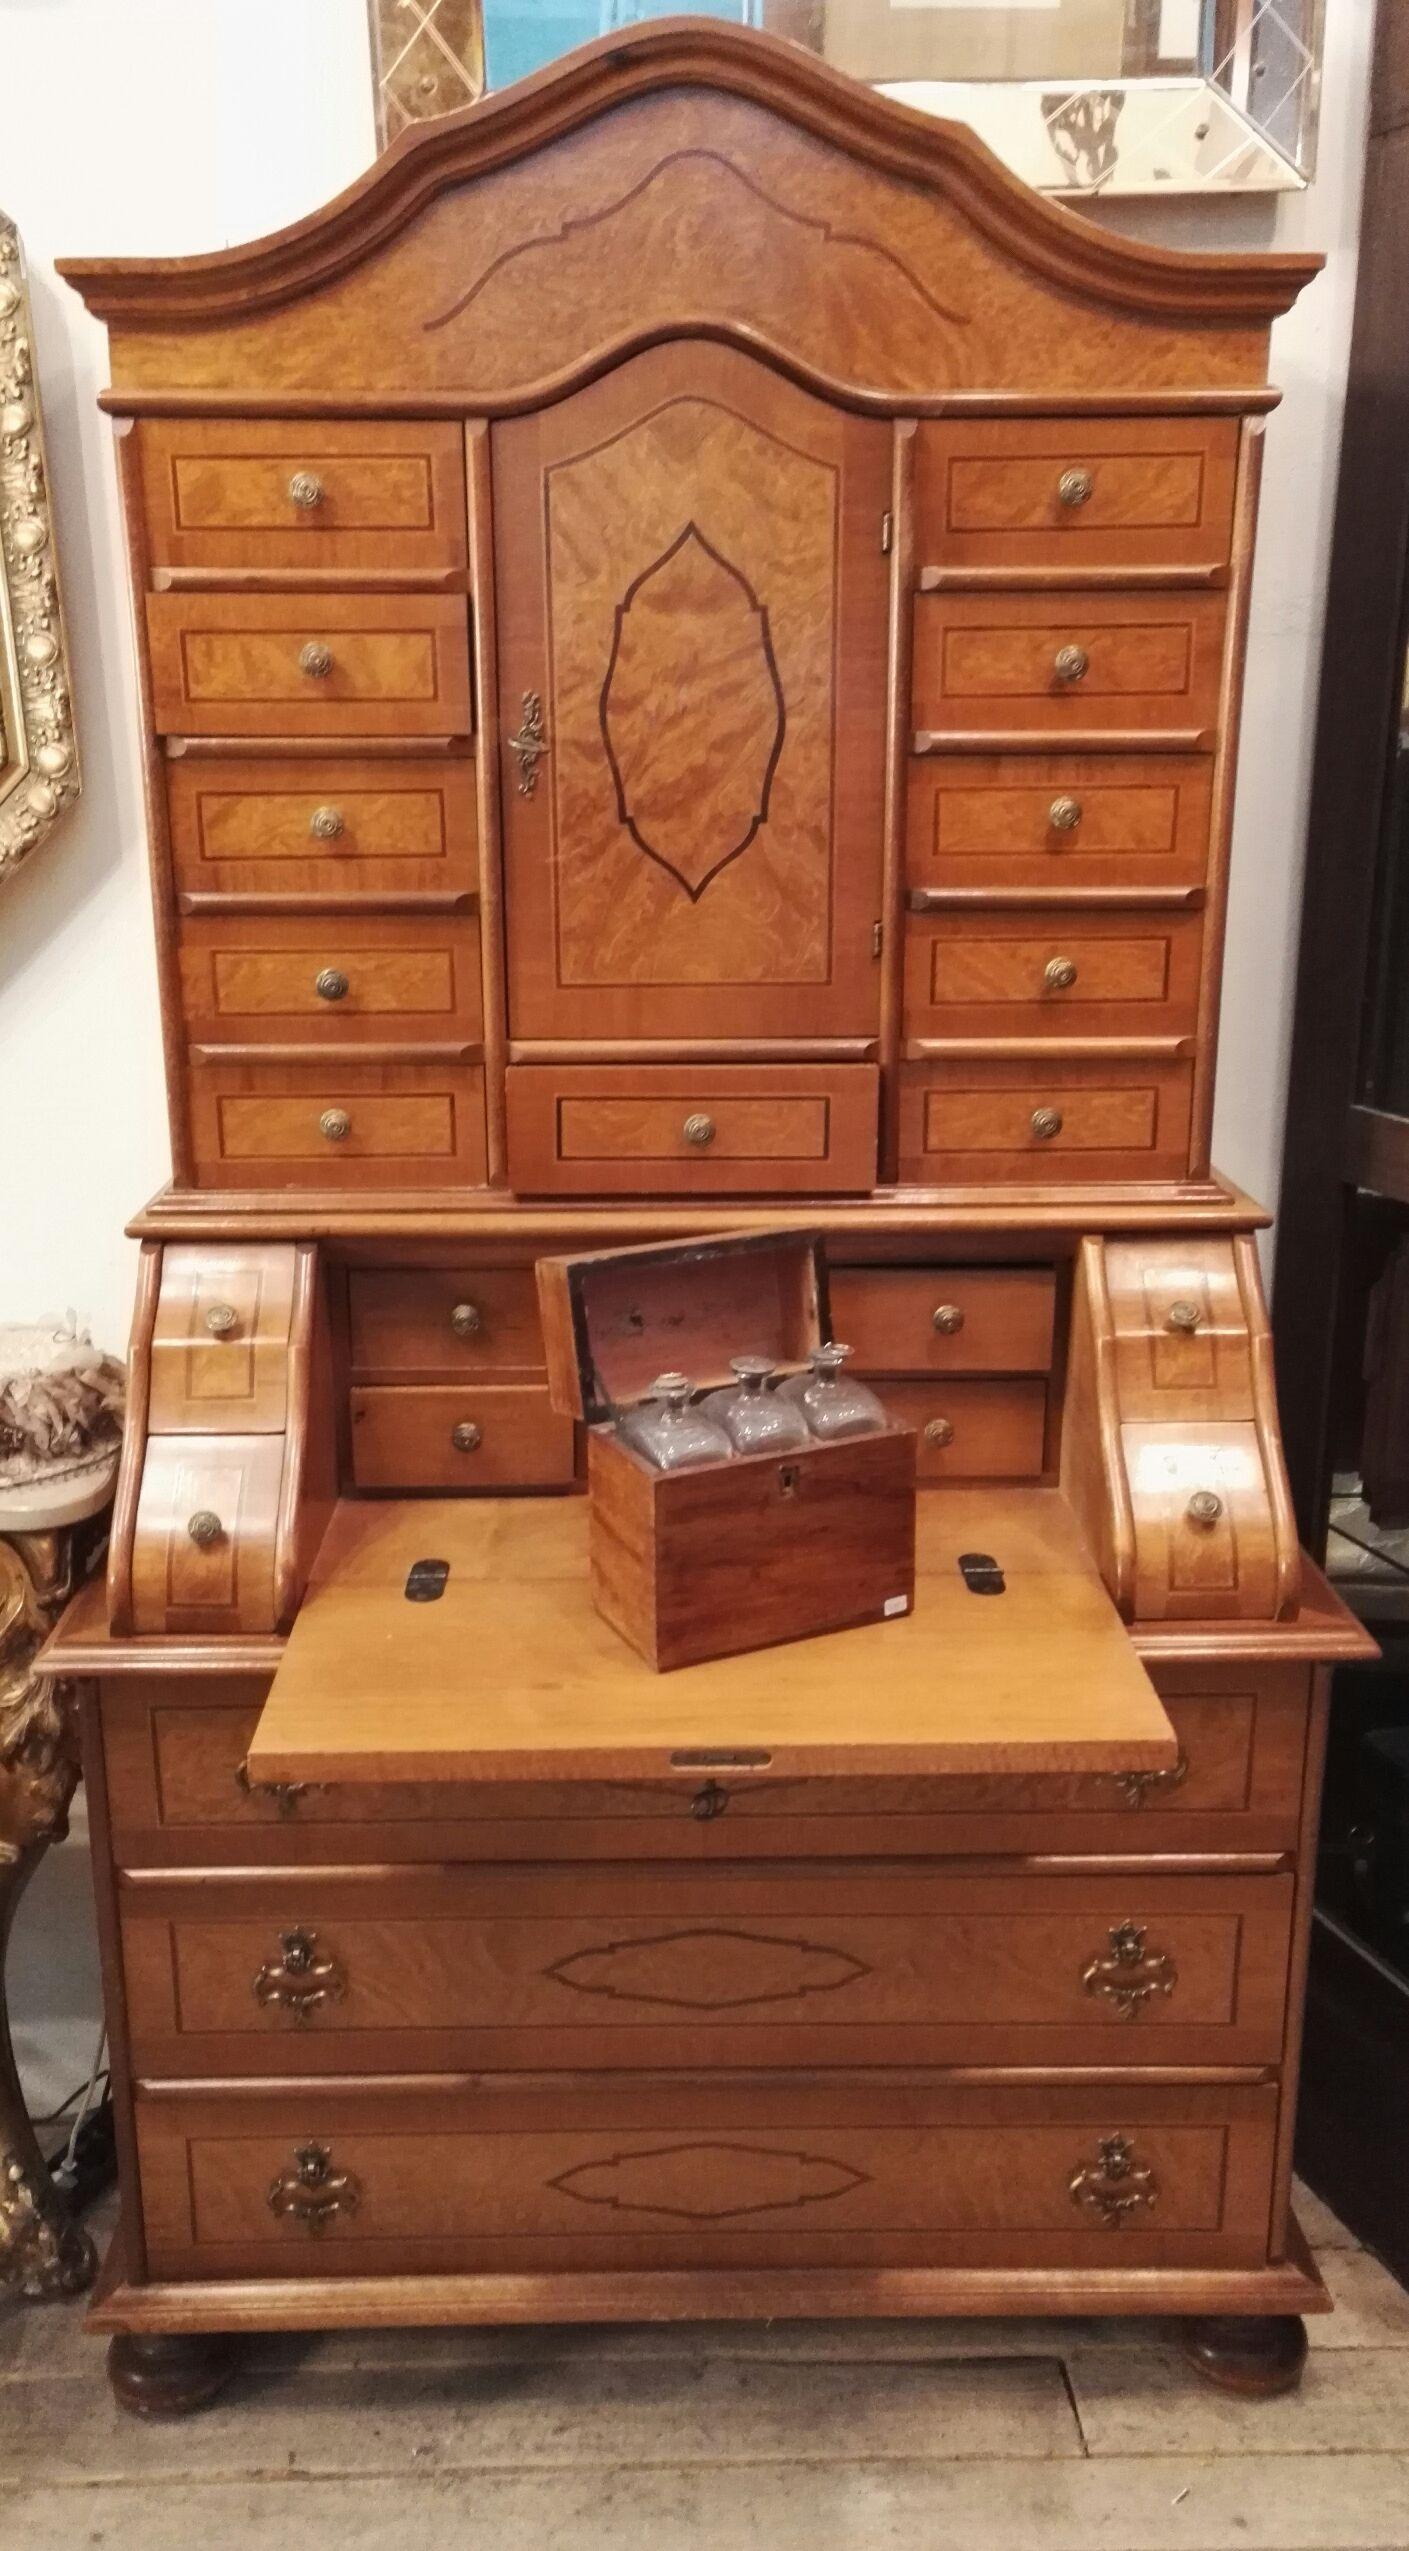 Sekretär Möbel Vintage Antik Rarität Antiques Vintage